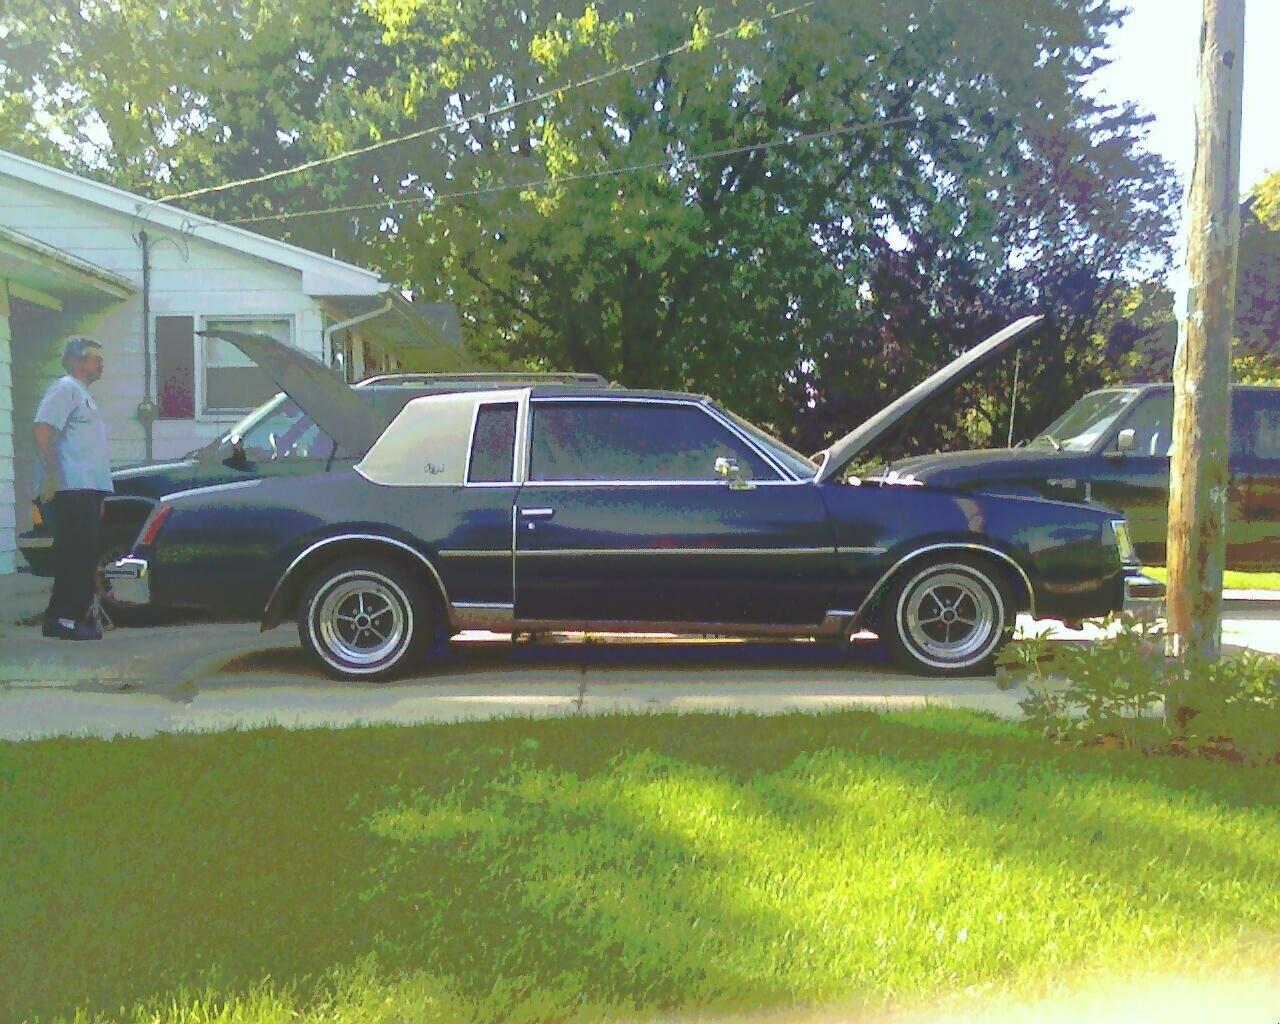 Buick Regal Door Coupe Pic on 1988 Buick Lesabre 2 Door